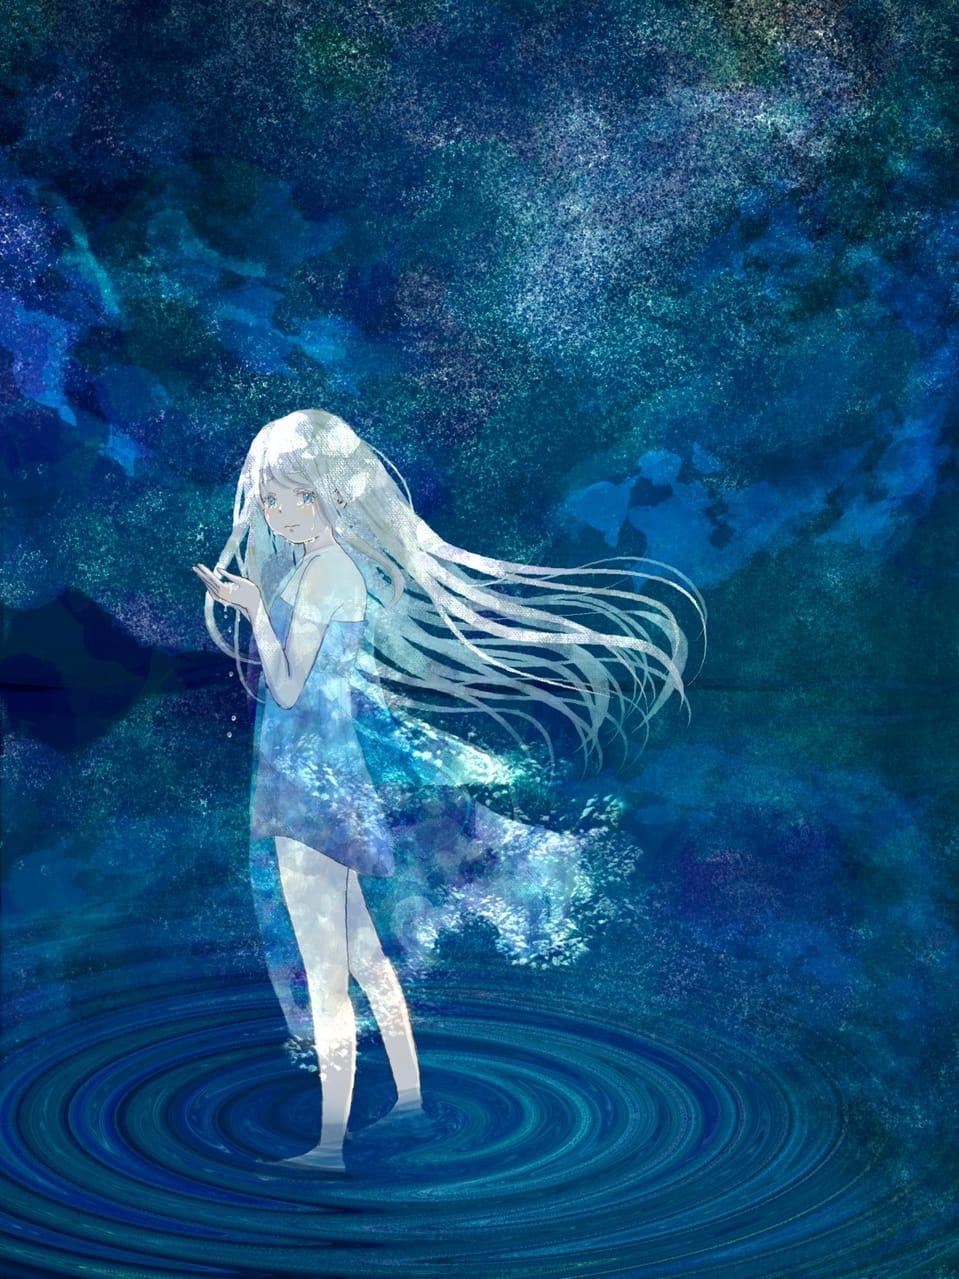 涙を溶かす Illust of 熊谷のの 夜空 girl scenery sea 銀髪 original tears background